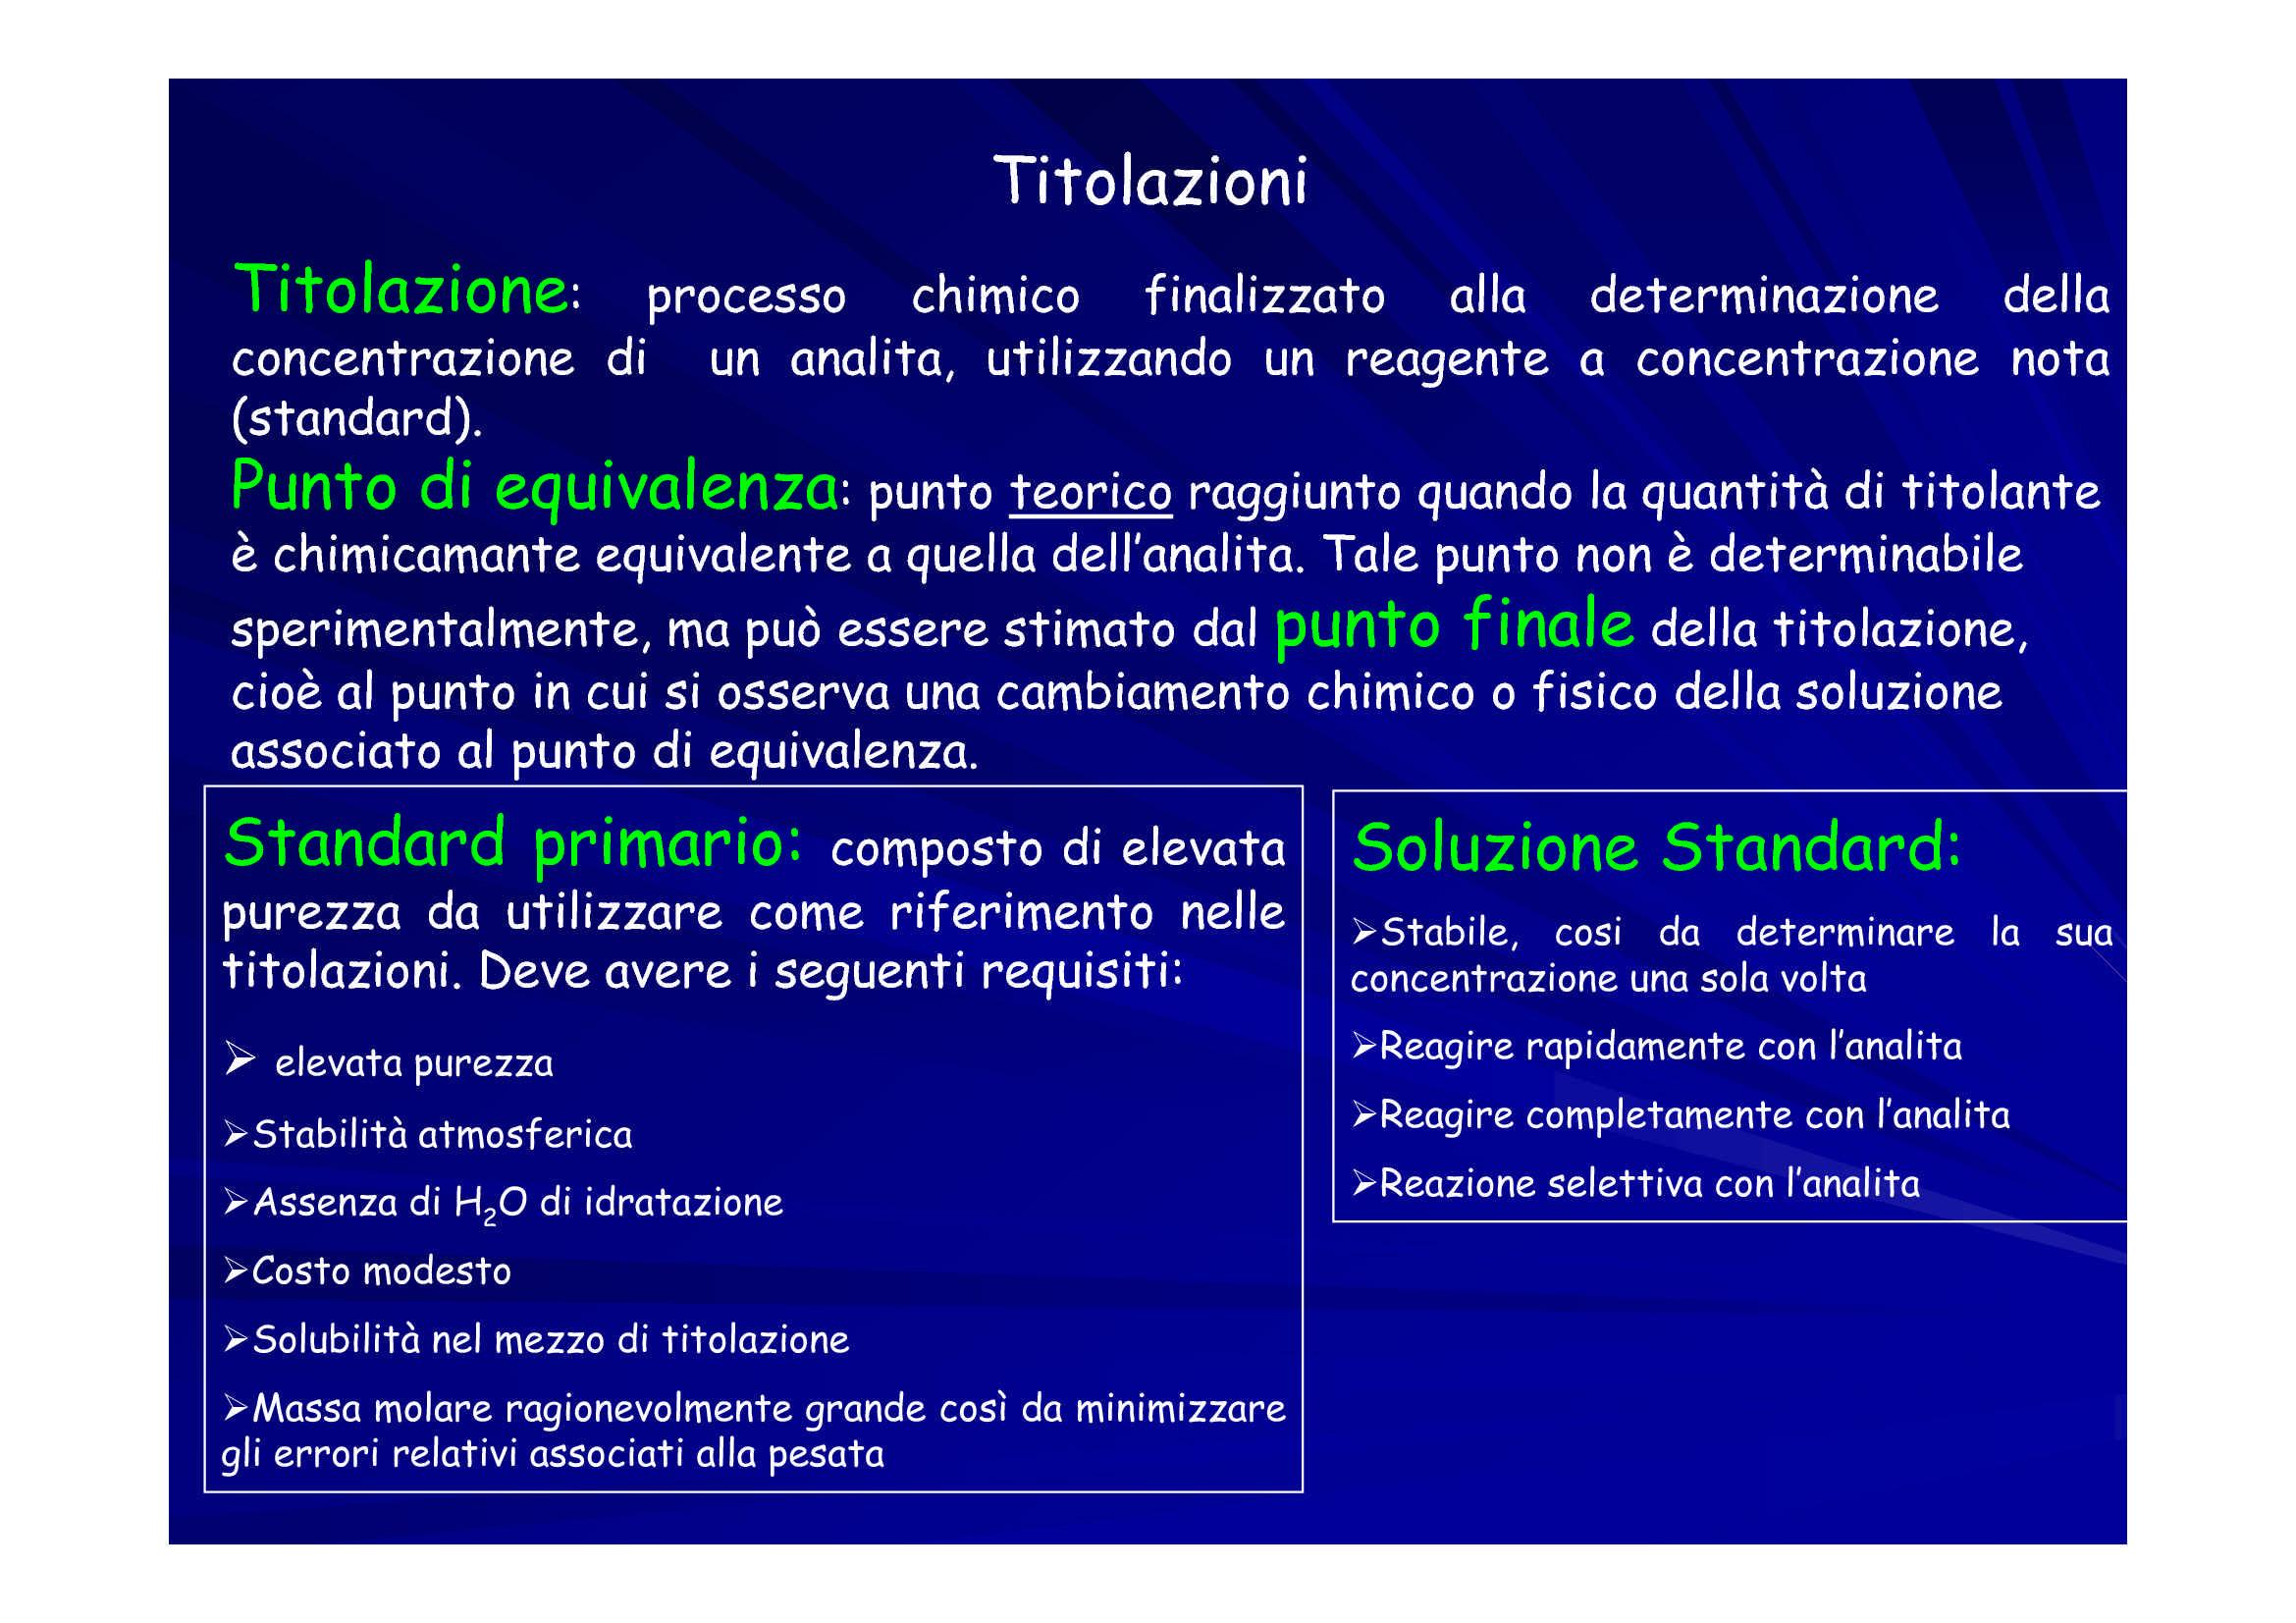 Titolazioni